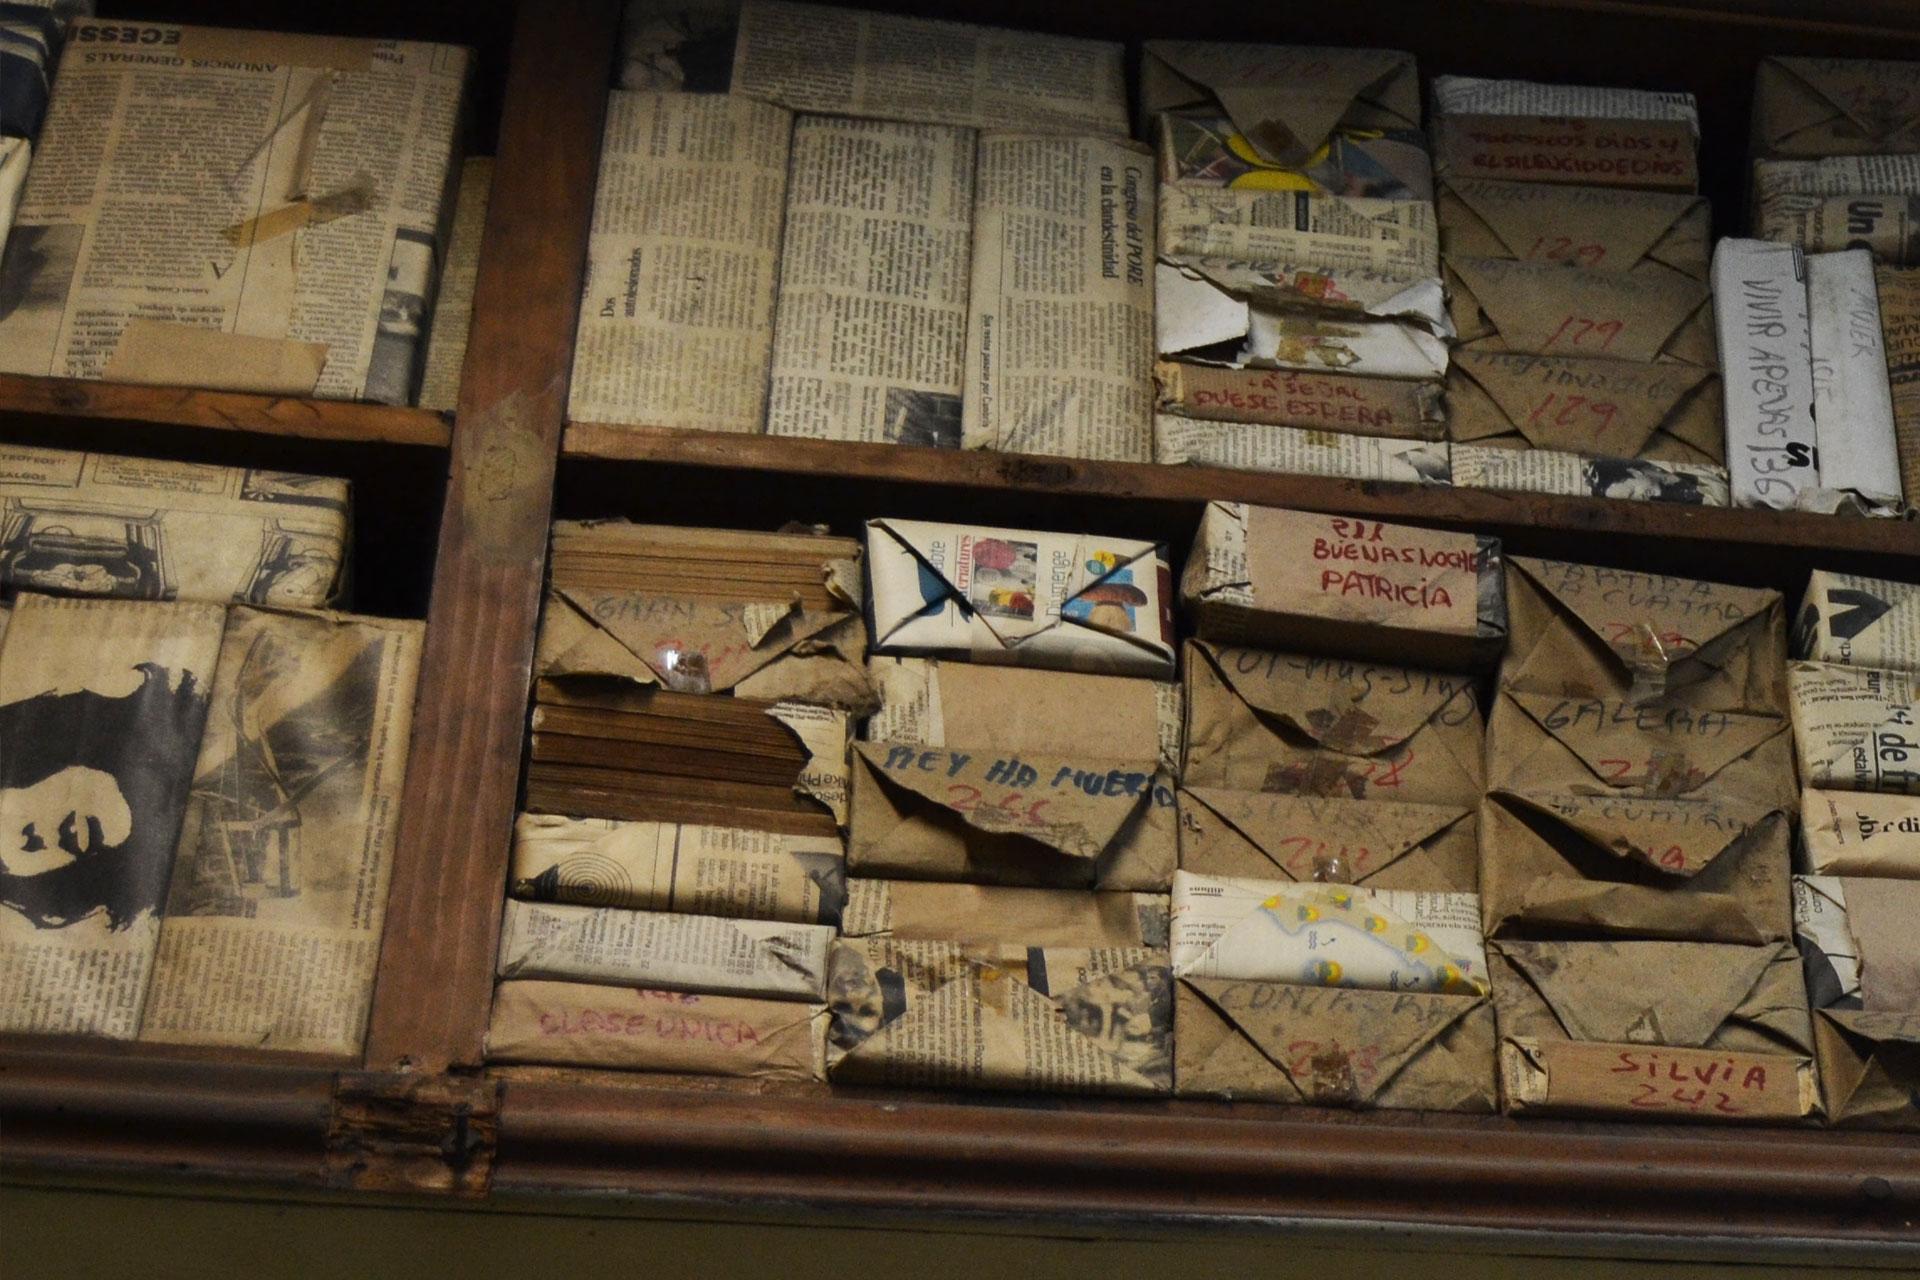 ヨーロッパの古書店の書棚にストックされていた古新聞